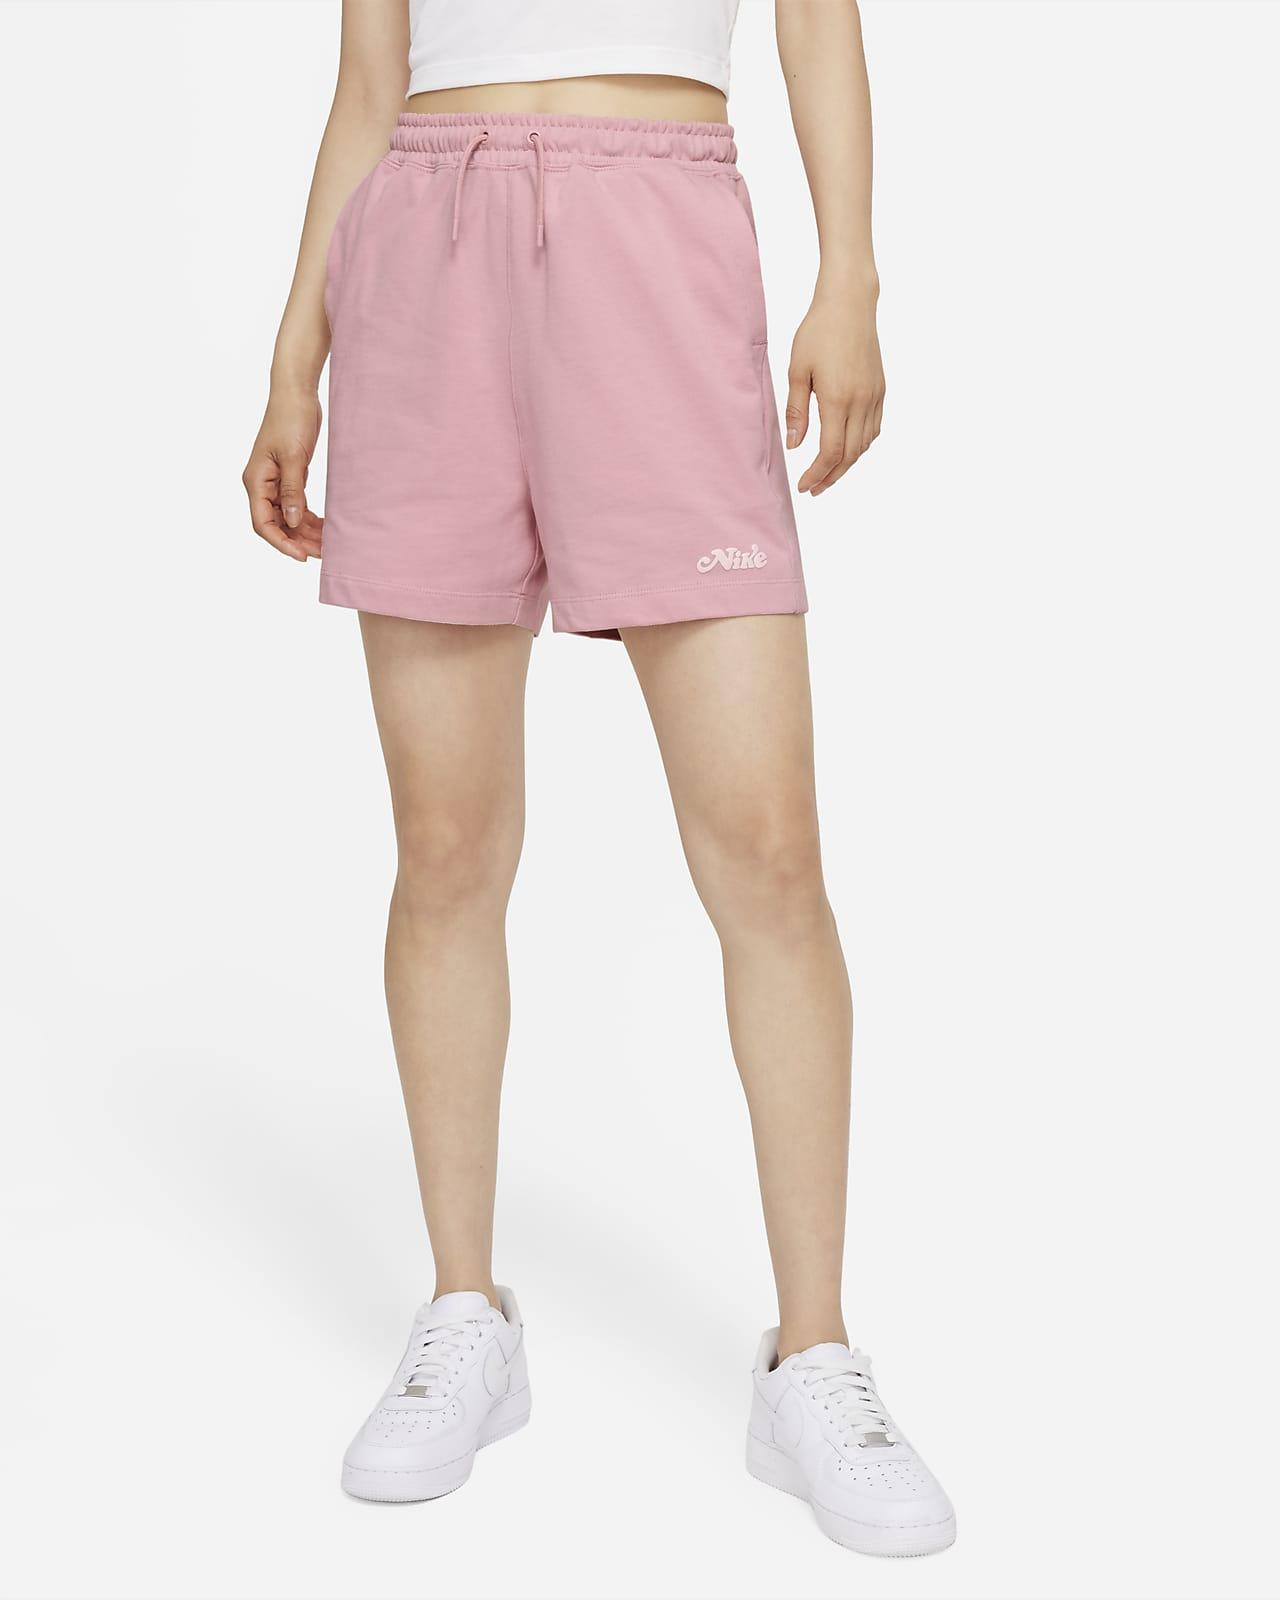 กางเกงขาสั้นเจอร์ซีย์ผู้หญิง Nike Sportswear